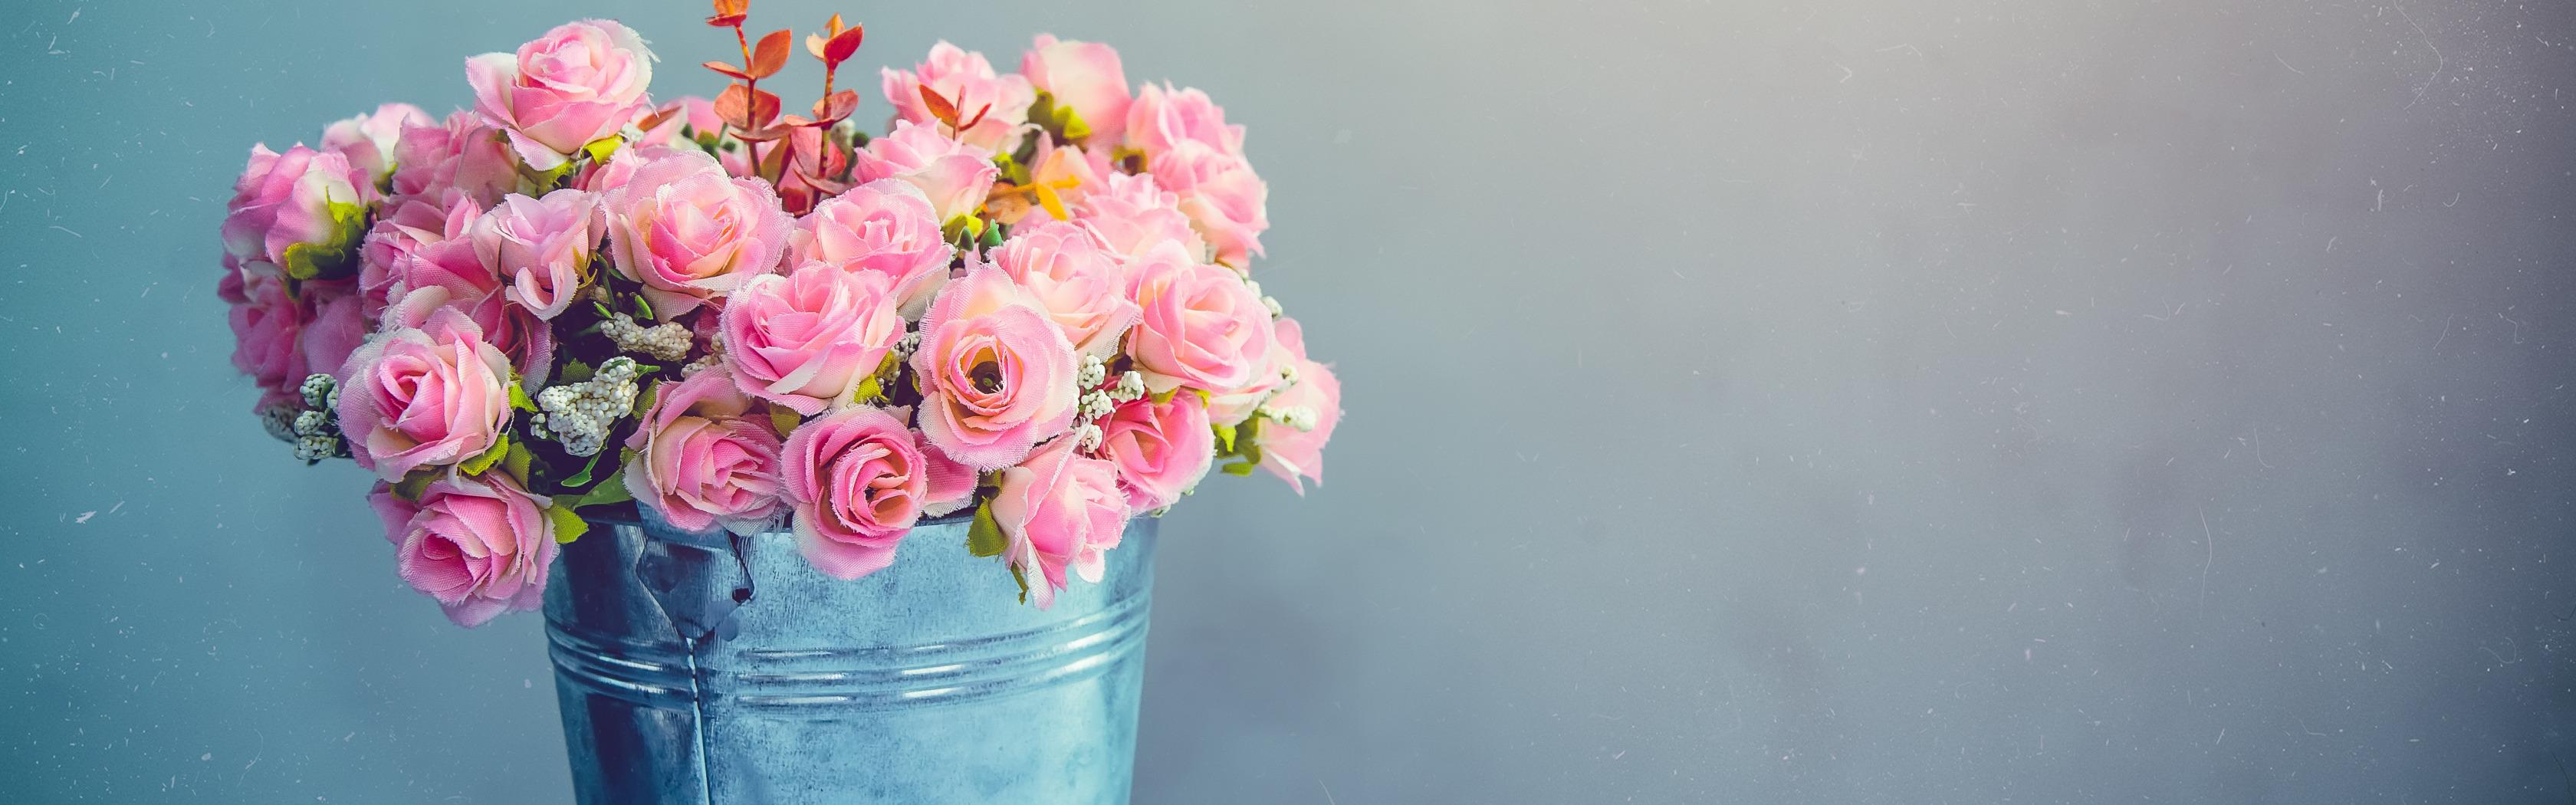 Малышей, фон для открытки с цветами в вазе